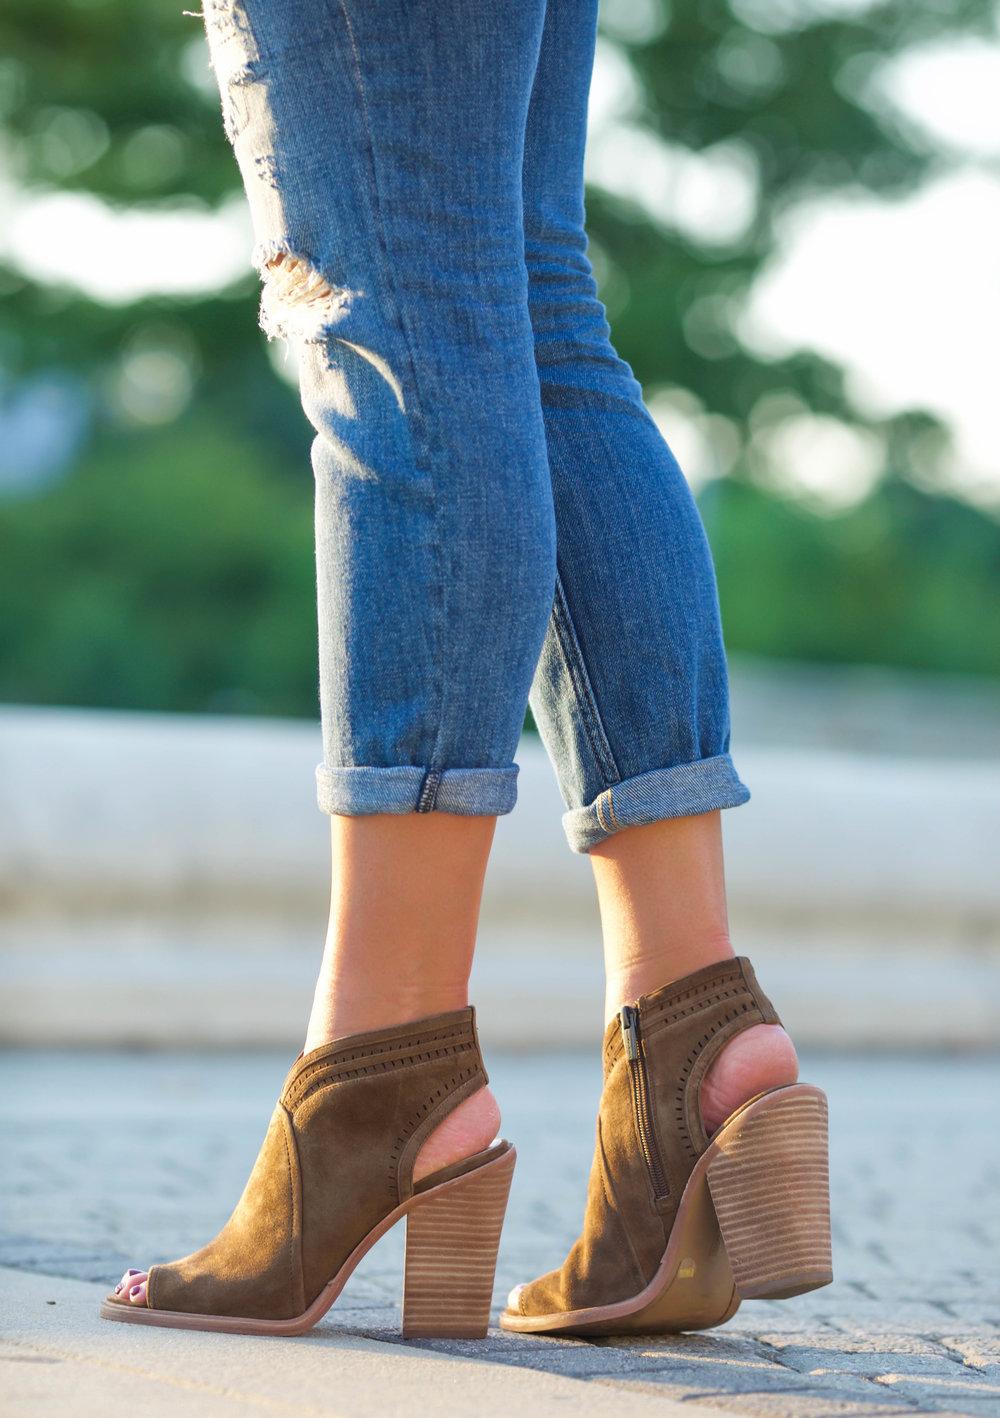 vince-camuto-suede-open-toe-booties-lauren-schwaiger-style-blog.jpg